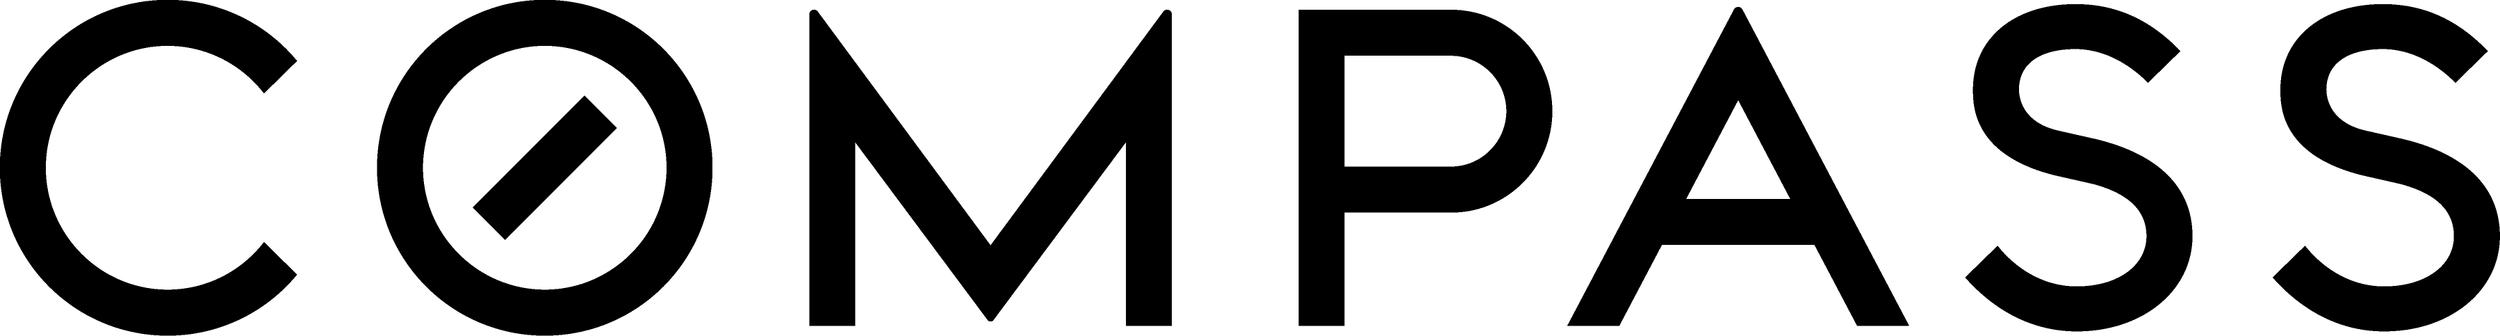 compass_logo_final.png